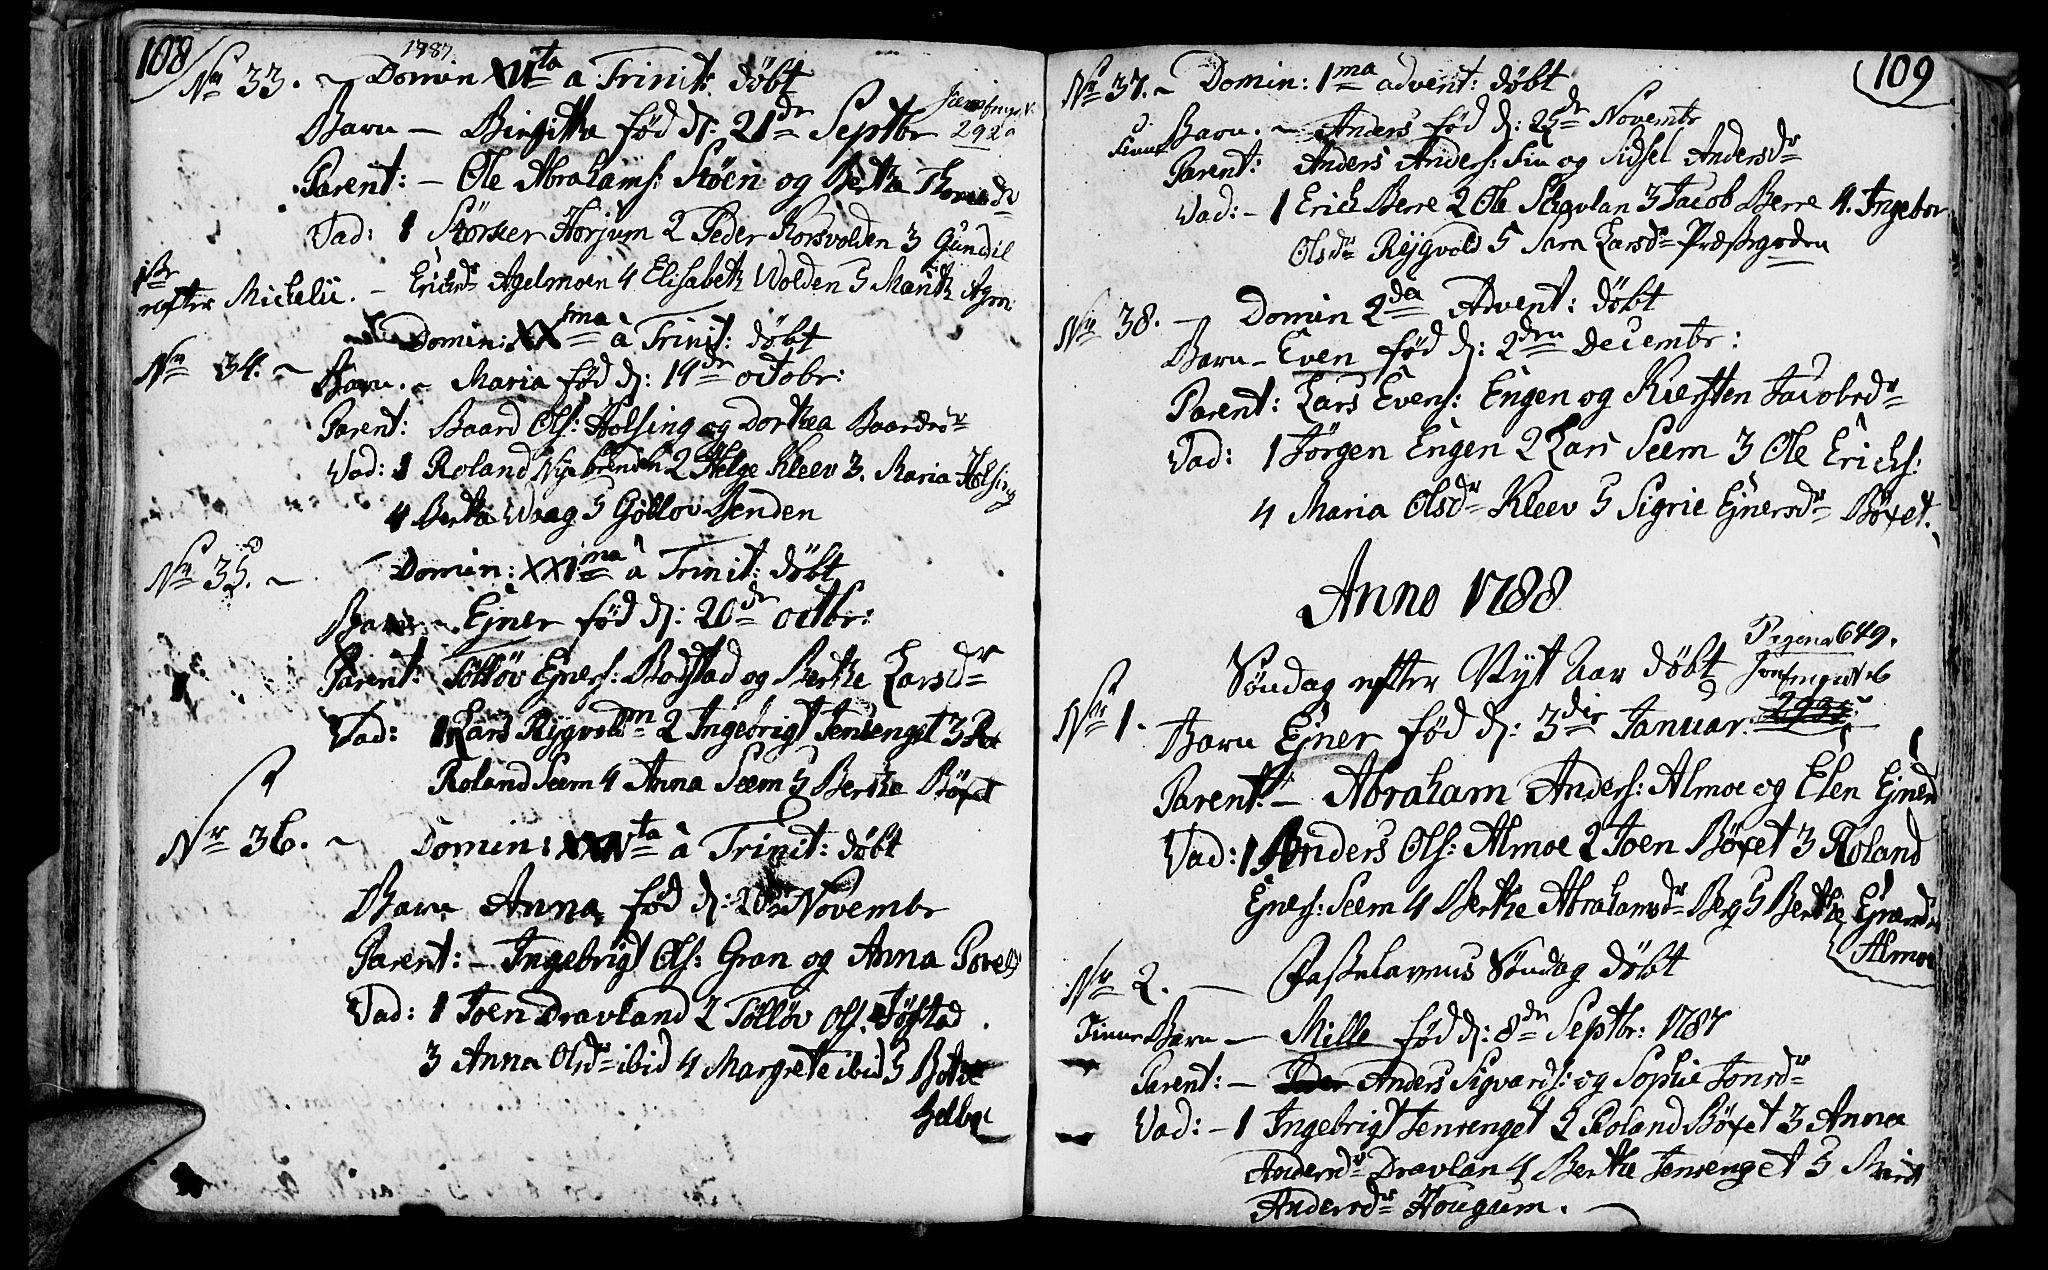 SAT, Ministerialprotokoller, klokkerbøker og fødselsregistre - Nord-Trøndelag, 749/L0468: Ministerialbok nr. 749A02, 1787-1817, s. 108-109